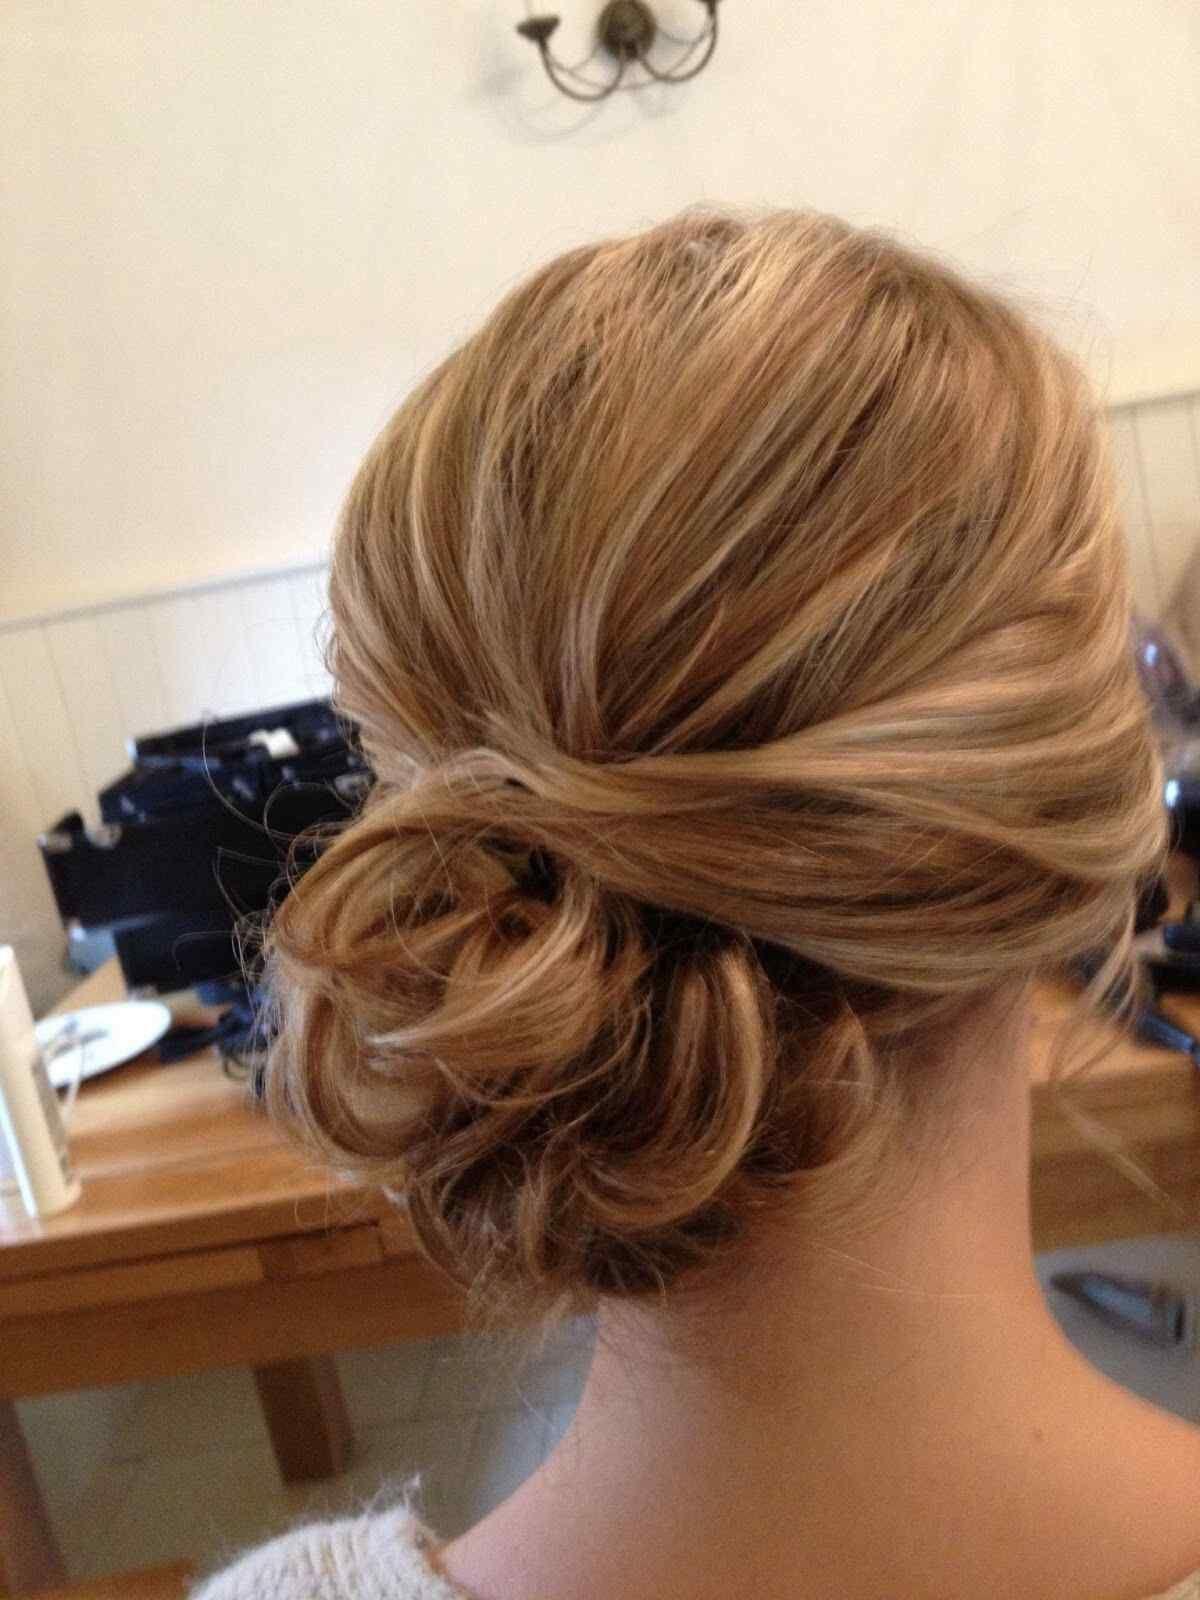 bridesmaid hair updo braid side bun hairstyles - fresh